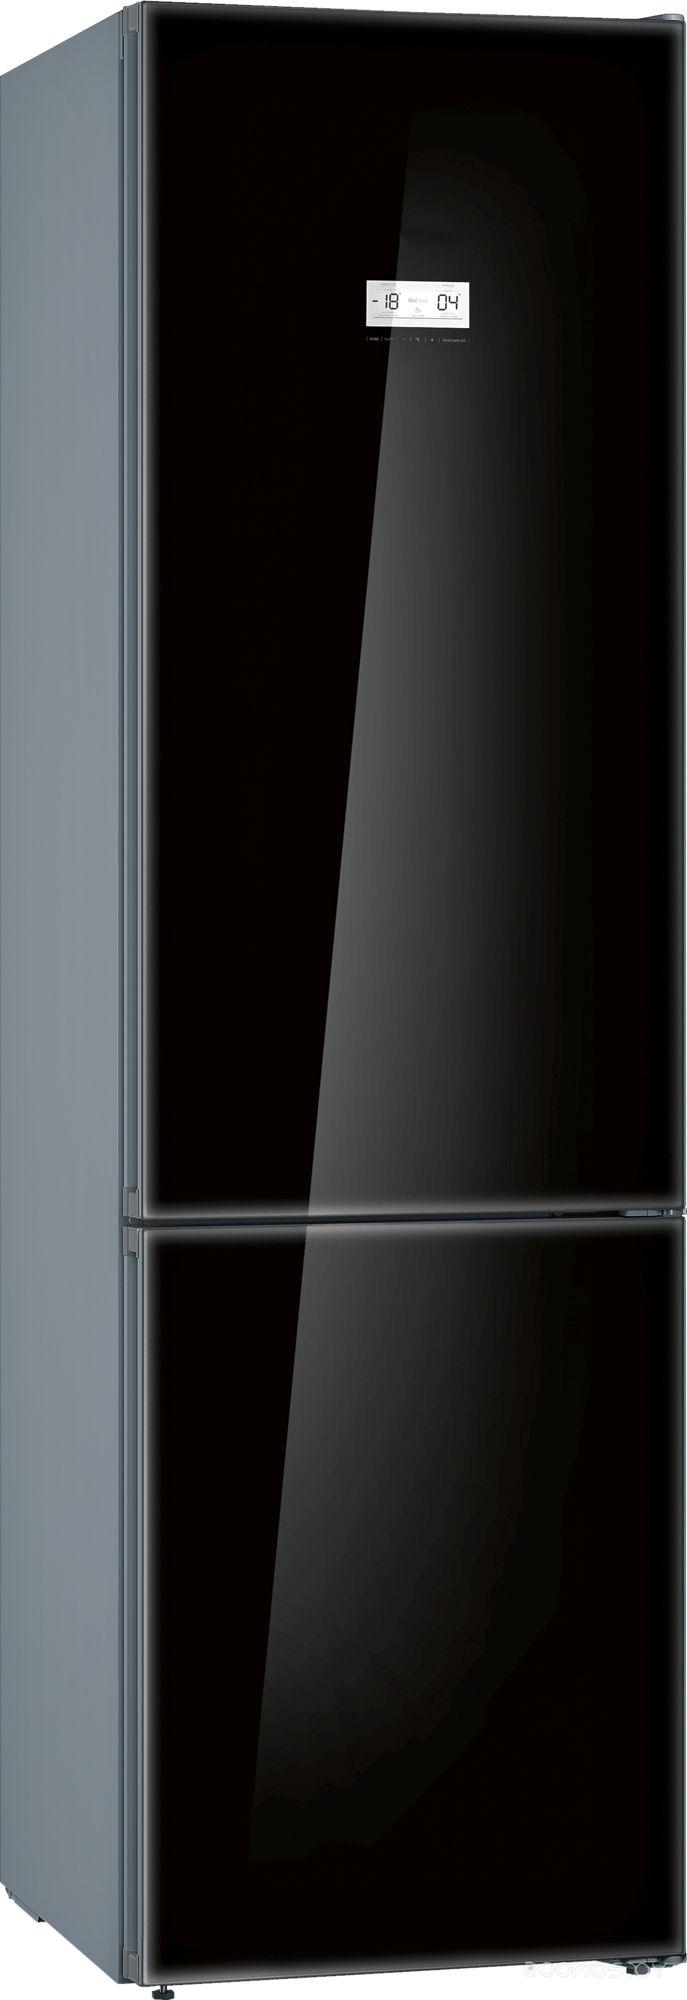 Холодильник с нижней морозильной камерой Bosch KGN39LB31R